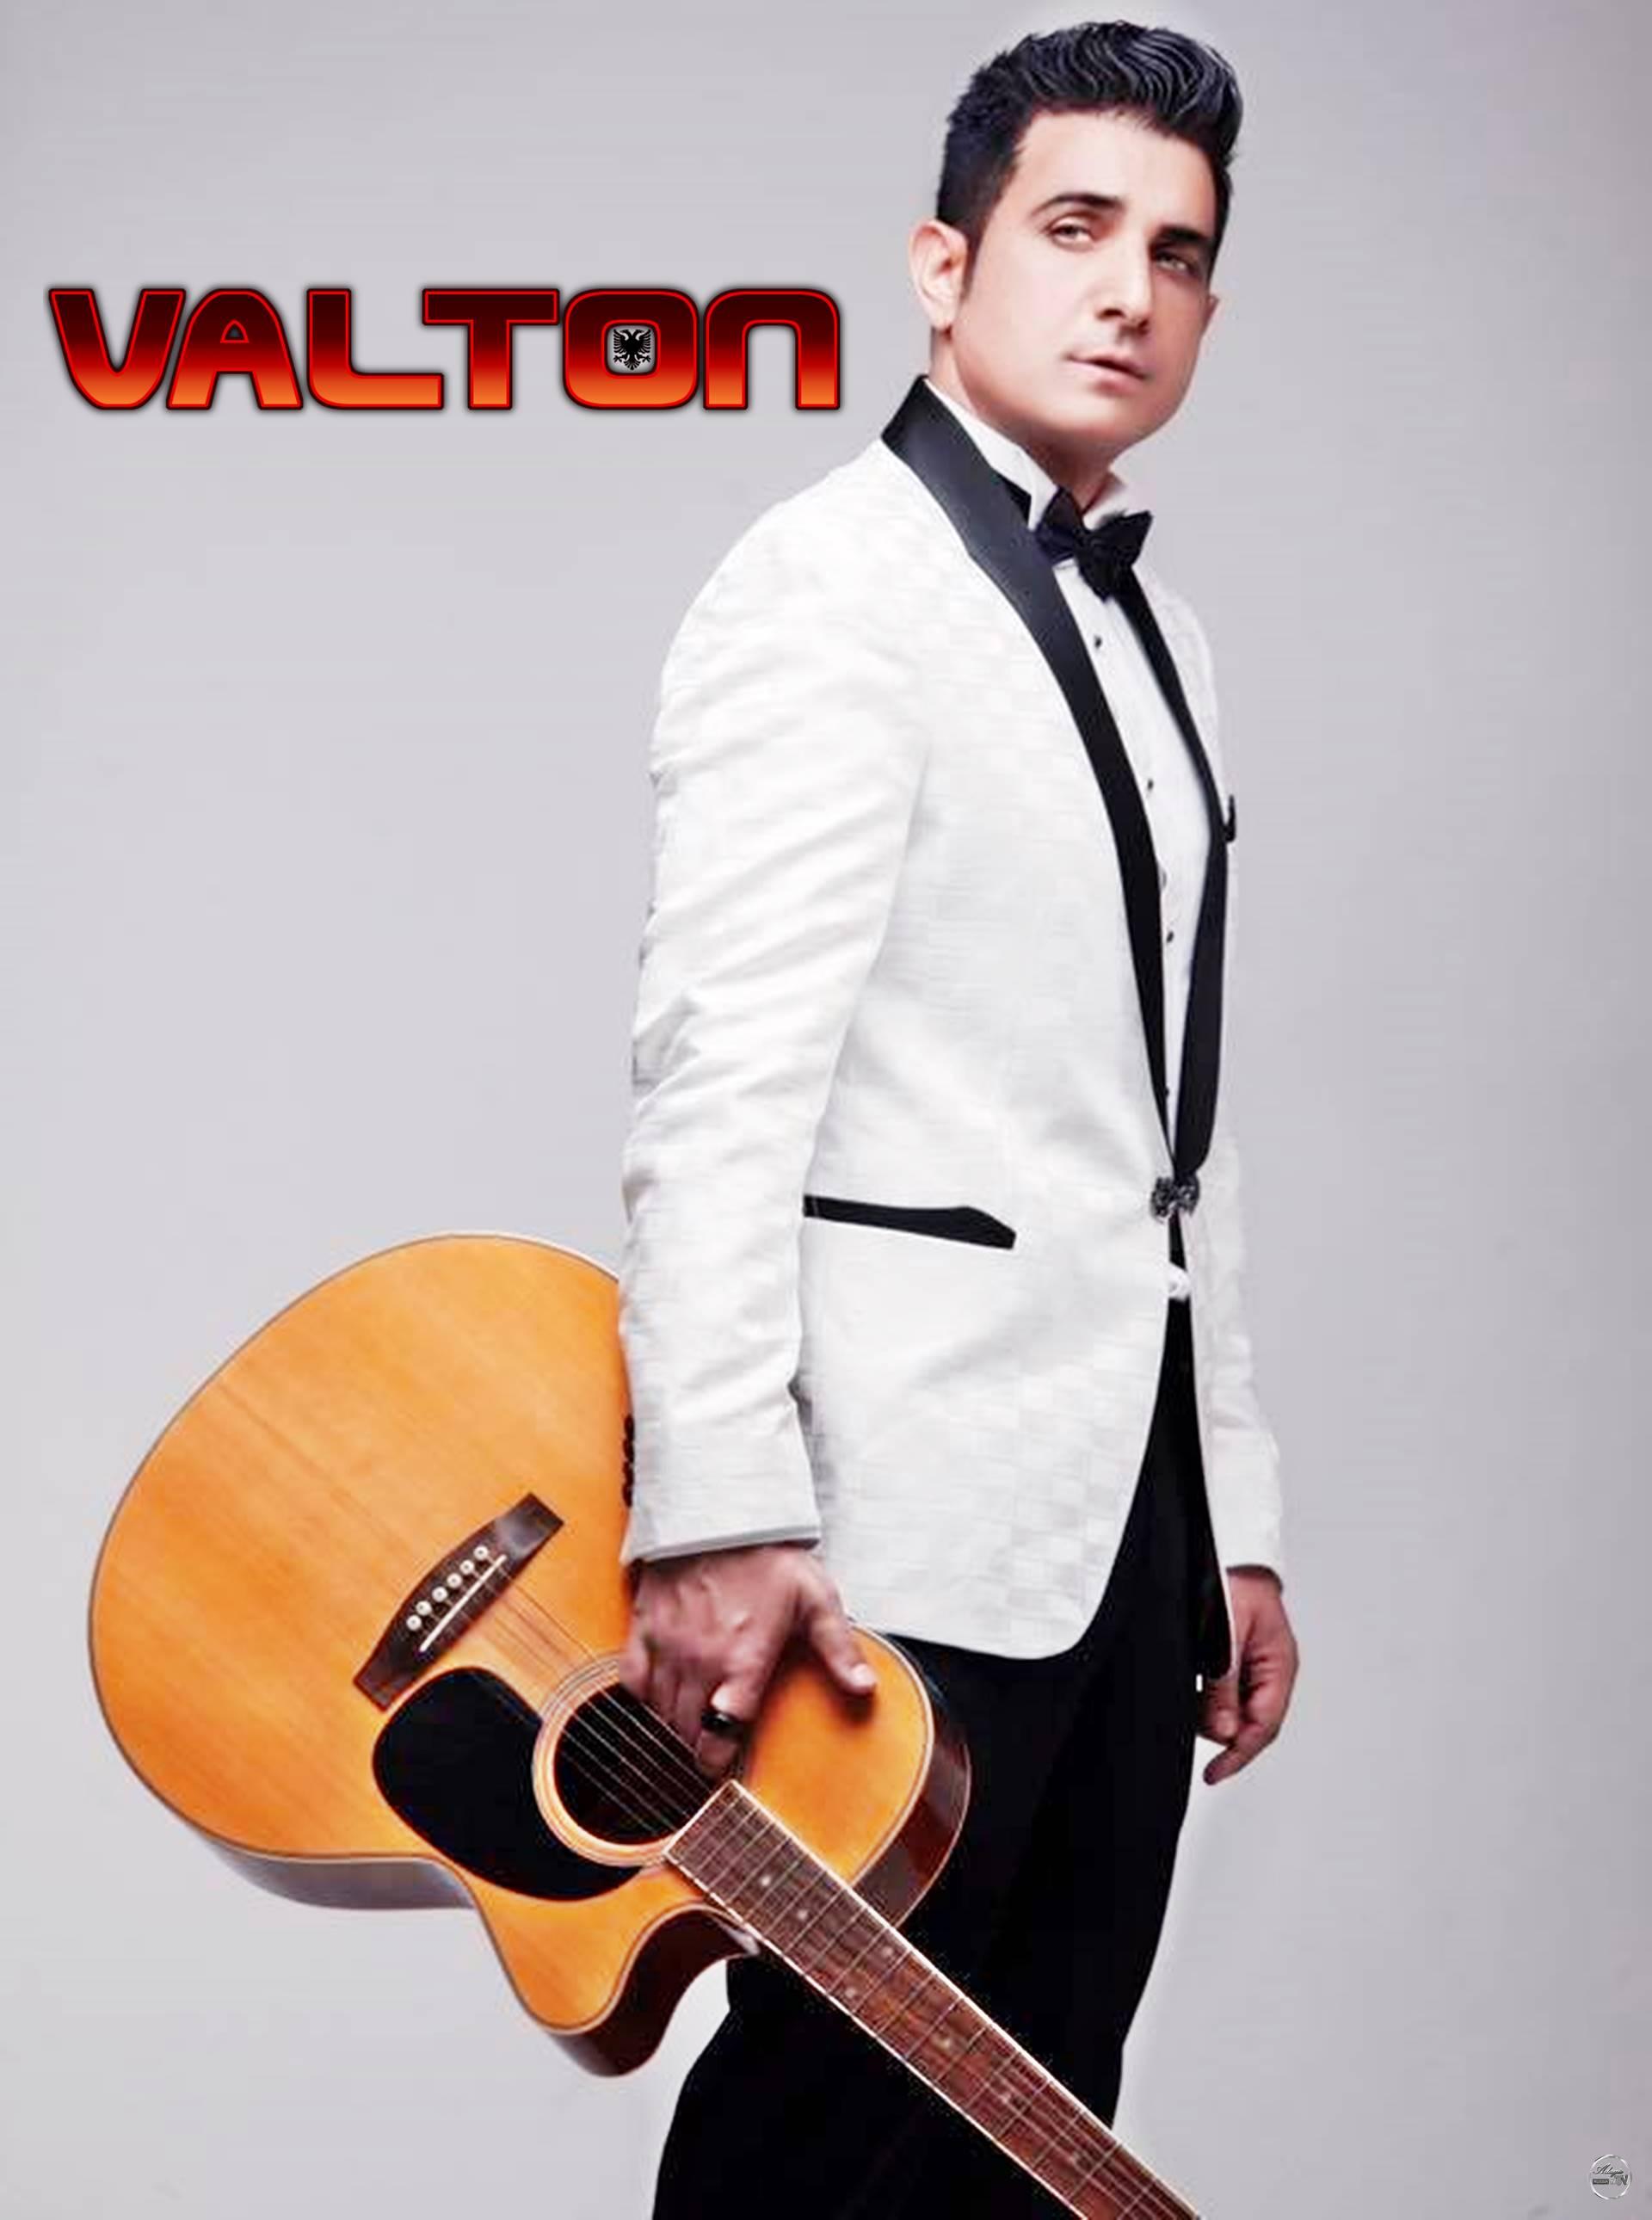 Valton